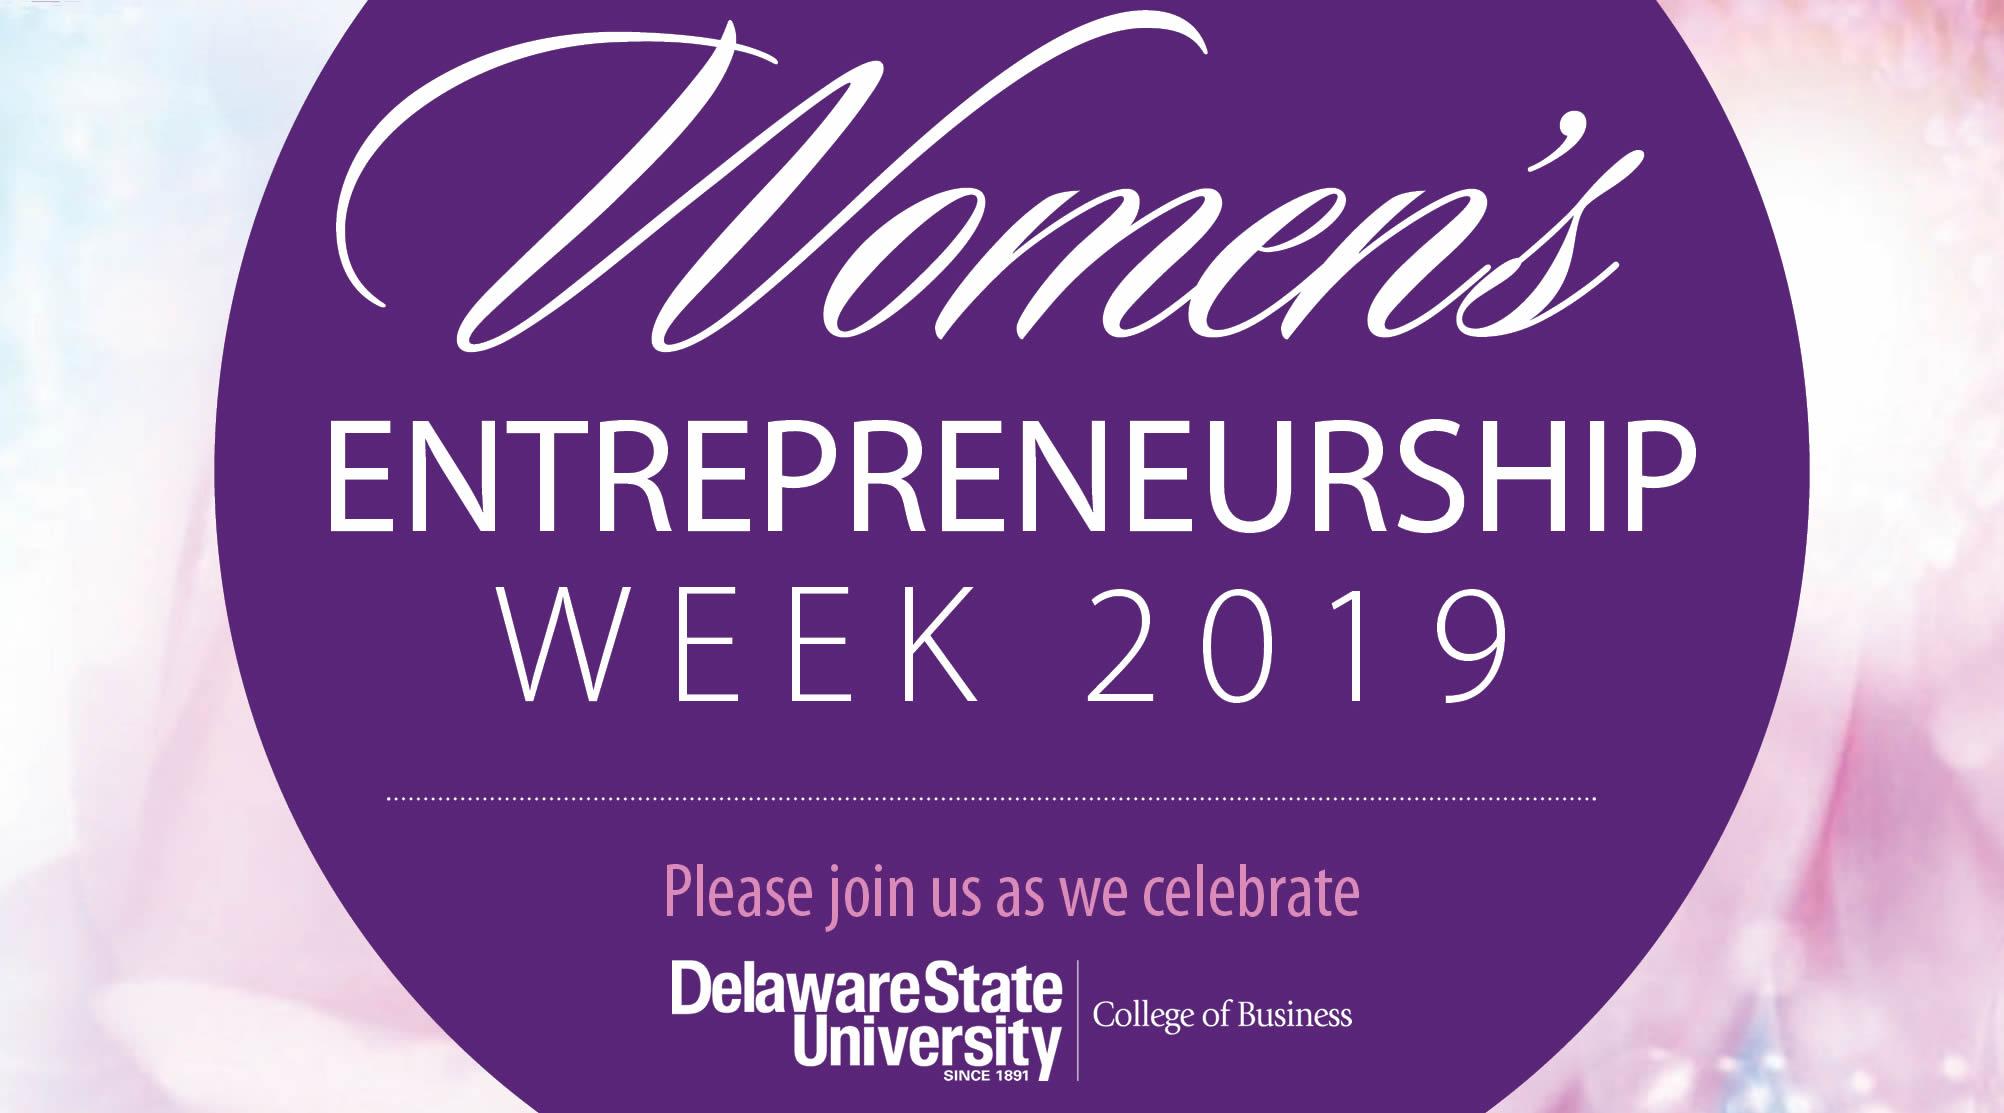 Women's Entrepreneurship Week at Delaware State University